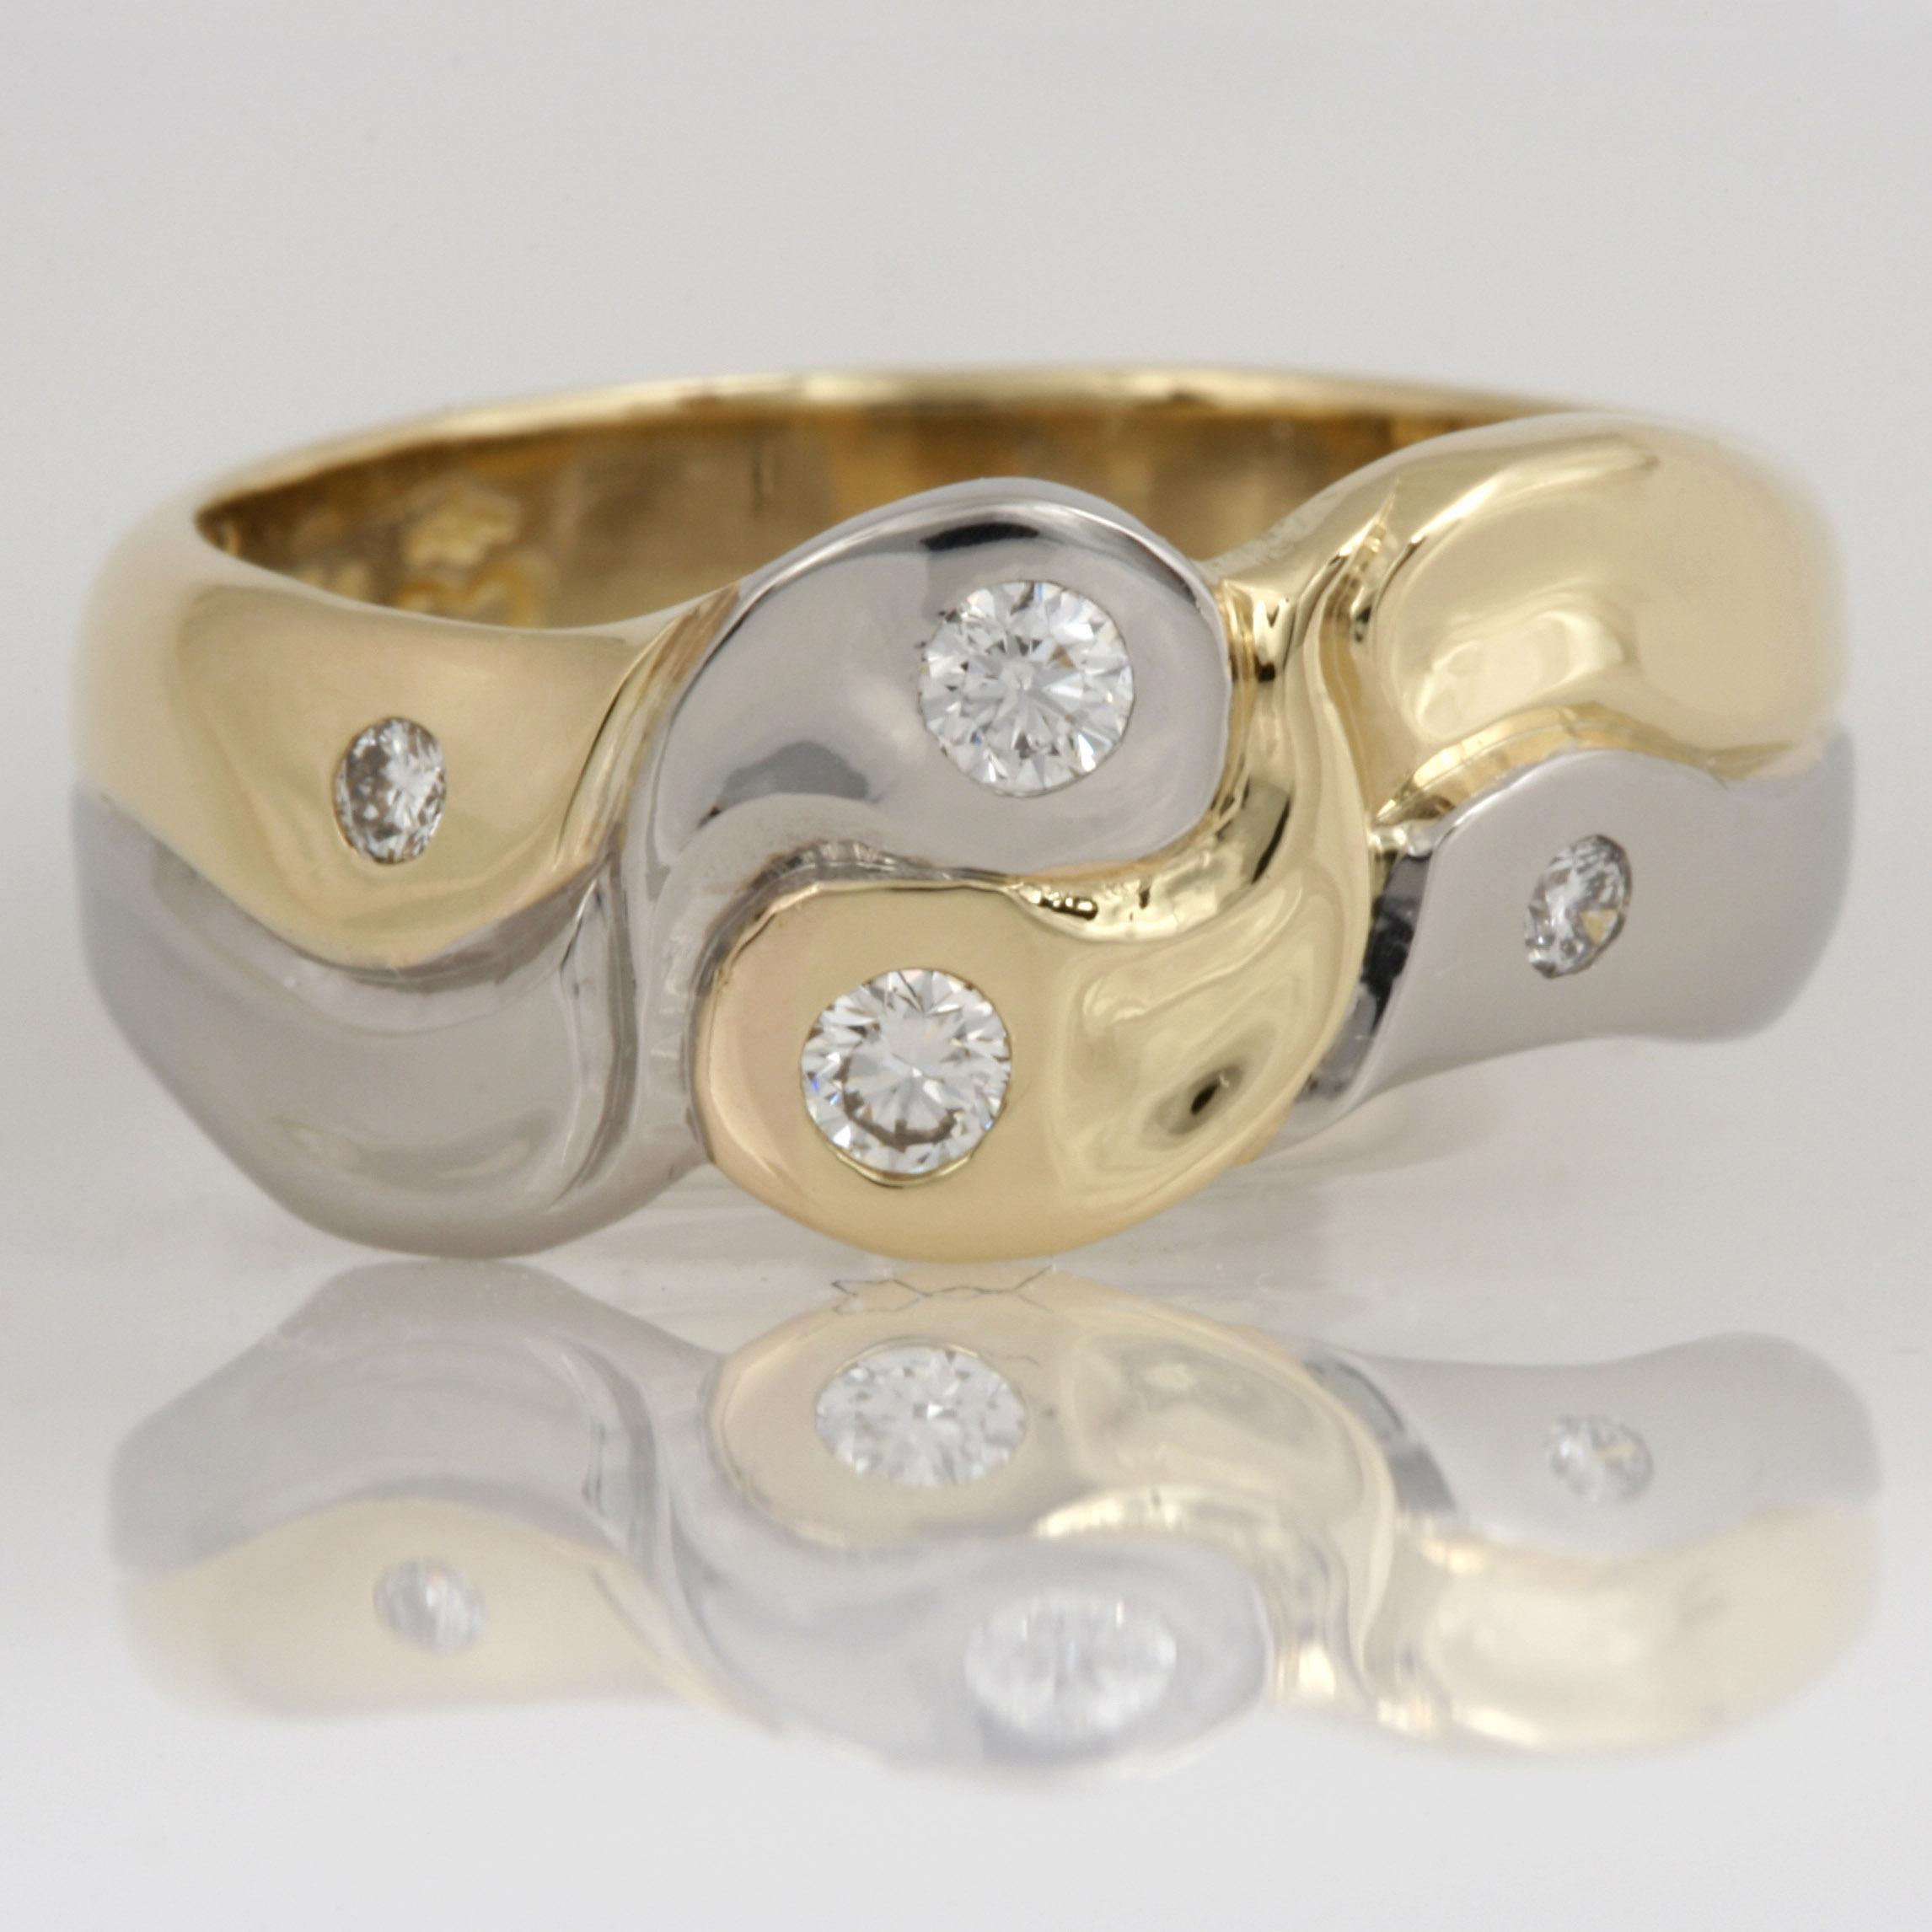 Handmade ladies palladium and 18ct yellow gold diamond ying yang ring